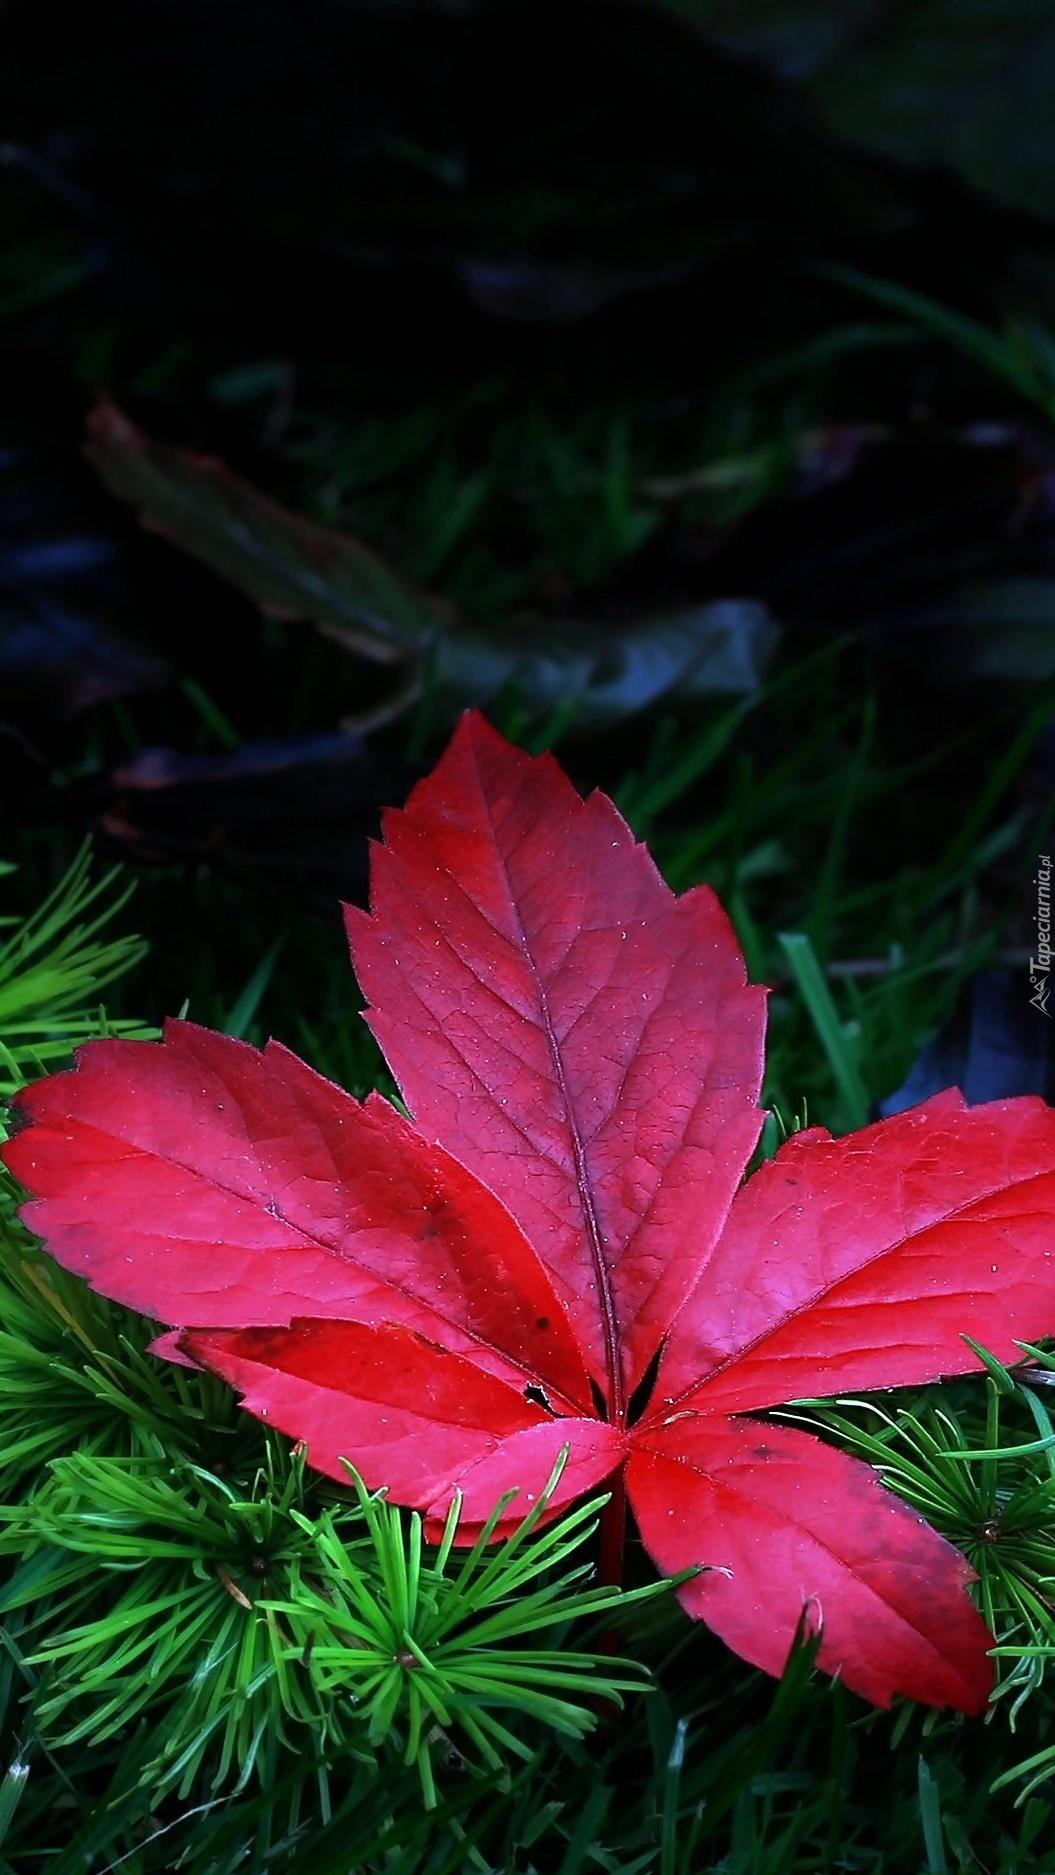 Czerwony liść na gałązce iglaka